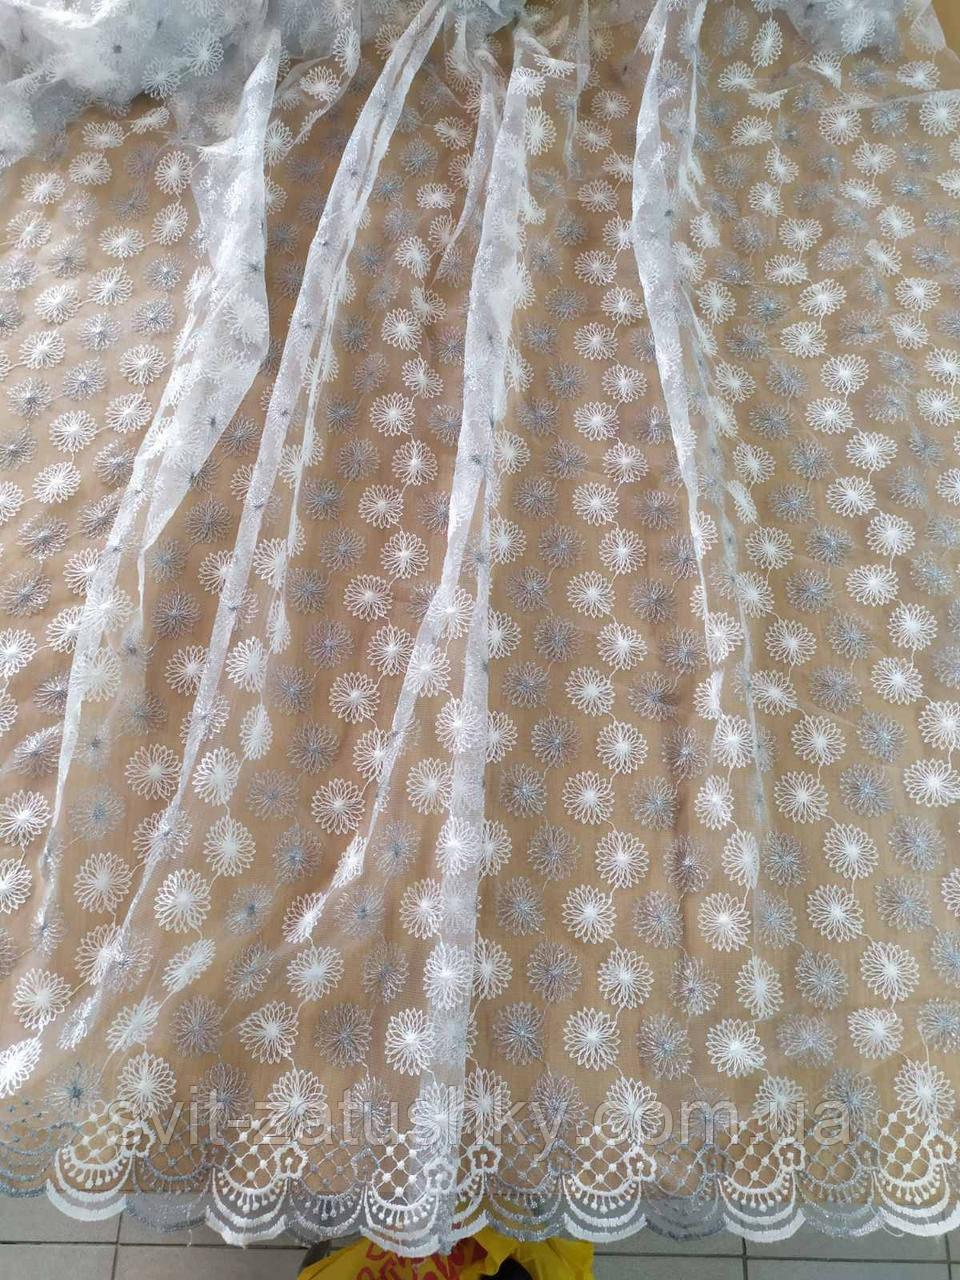 Тюль біла з серебристою вишивкою на сітці/ Гардина белая с серебристой вышивкой на фатине